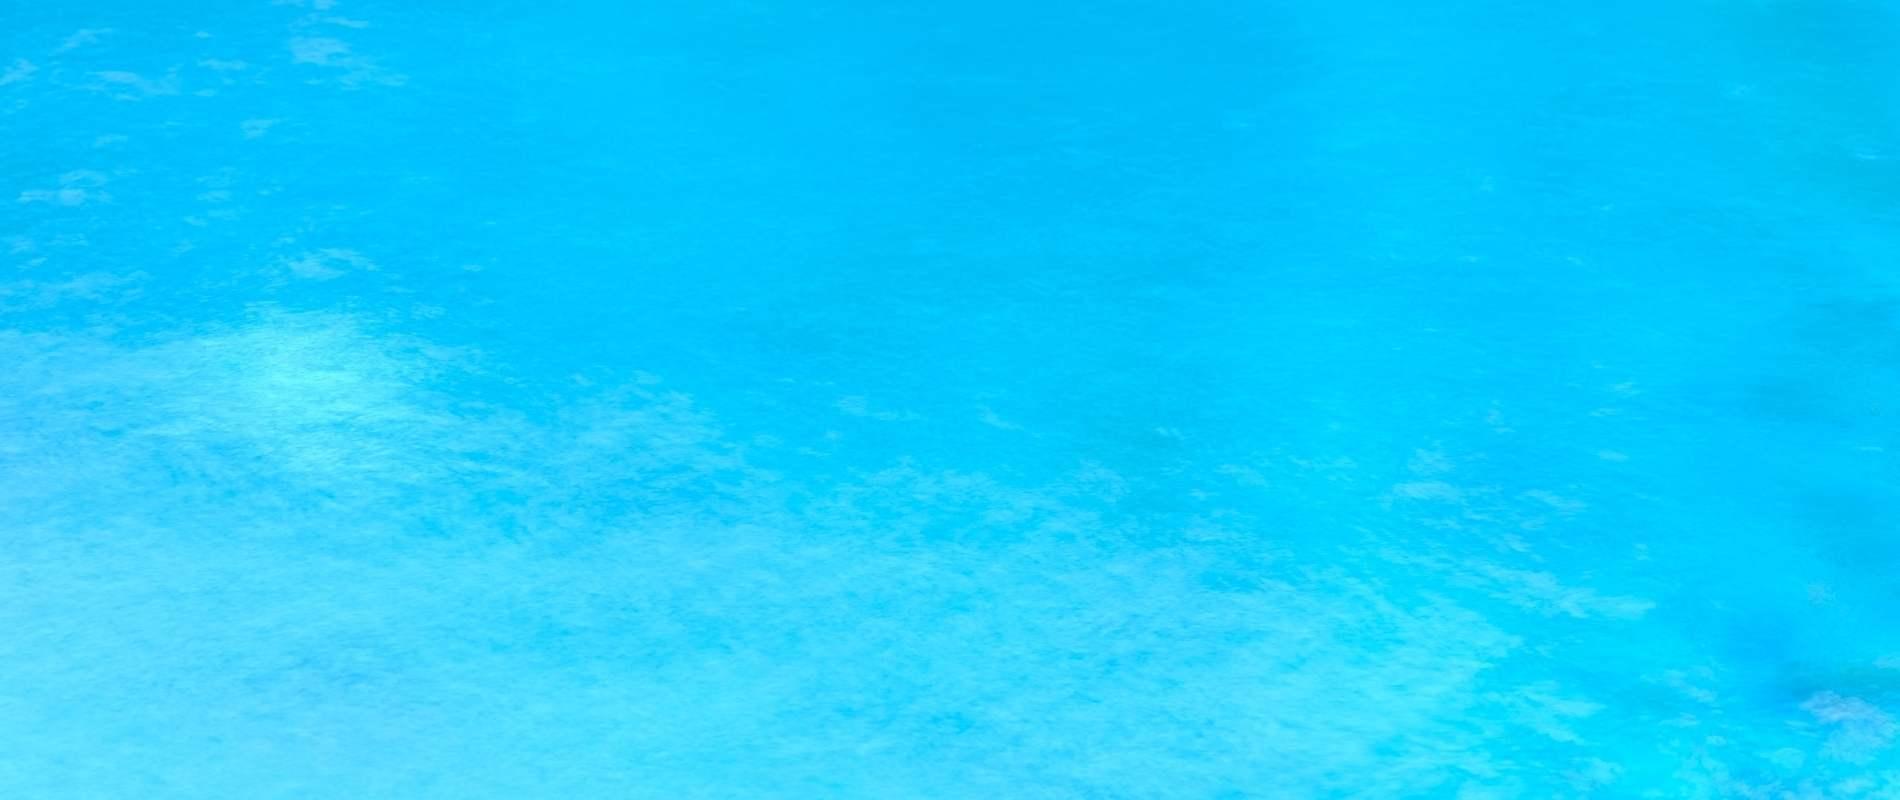 Hydroizolacja natryskowa polimocznikiem - dachy, tarasy, balkony